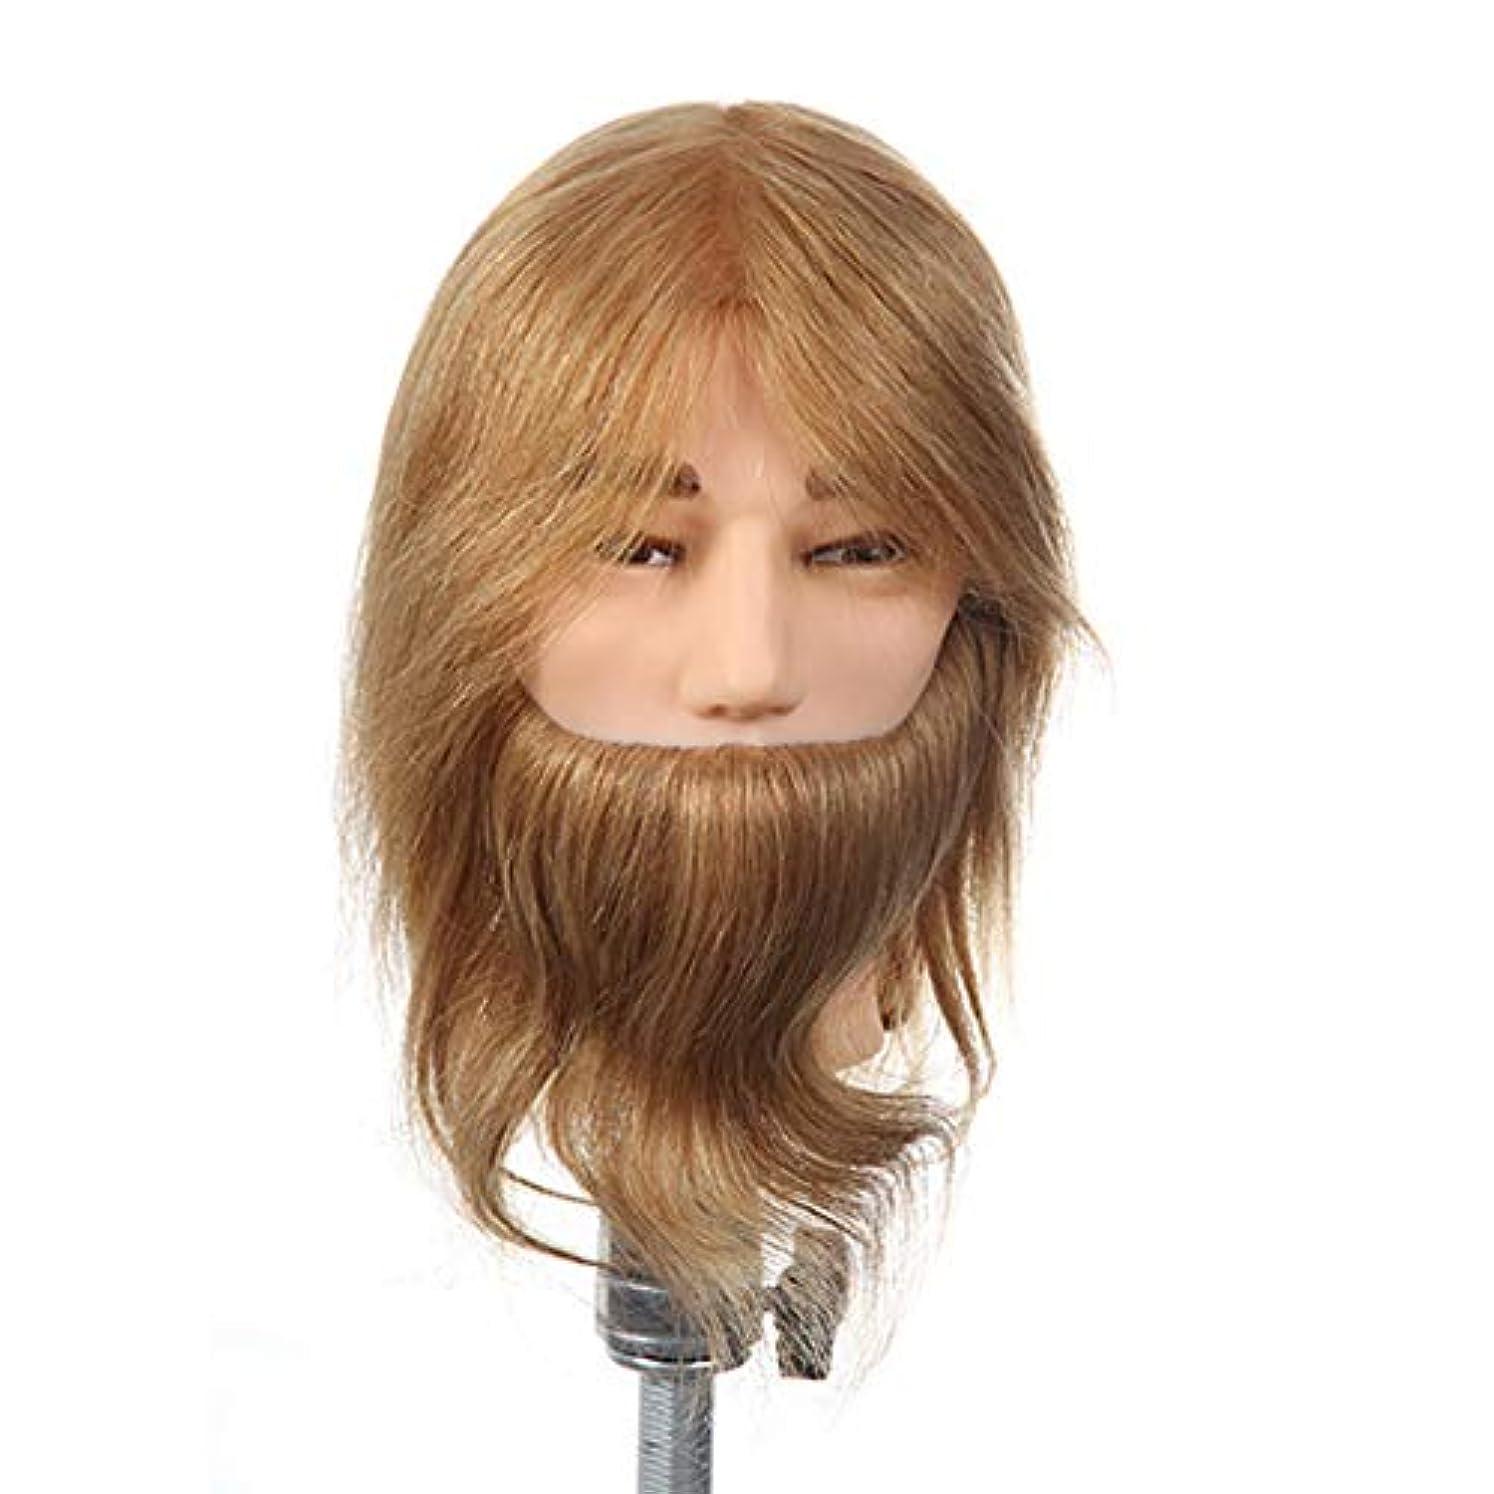 葉巻ぶら下がるアレンジサロン学習パーマ髪染めマネキン男スタイリングかつらティーチングヘッドリアル人間の髪ダミーヘッド付きひげロングヘアゴールド